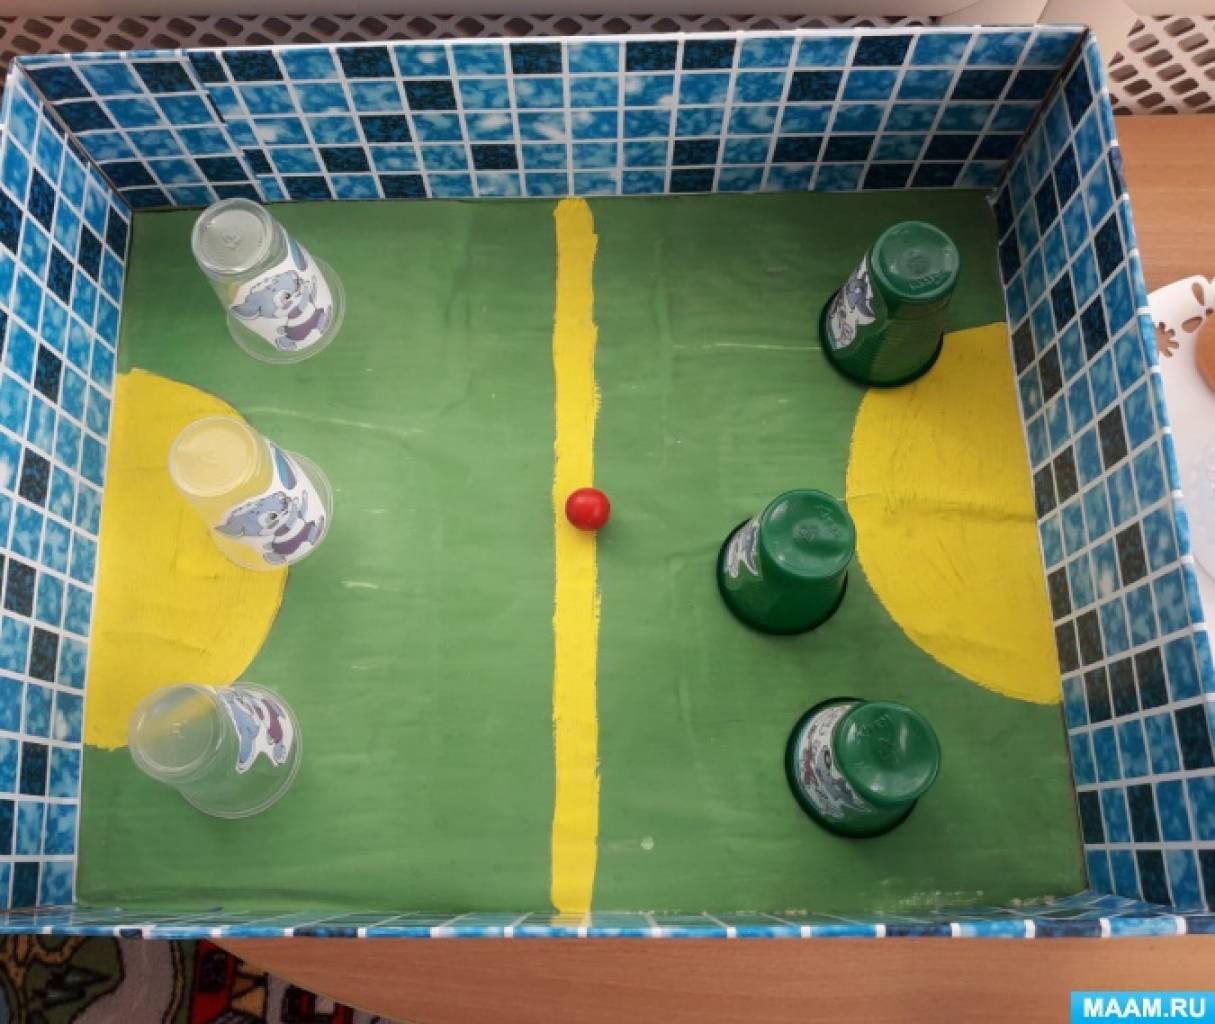 Игра «Футбол: веселые игроки»